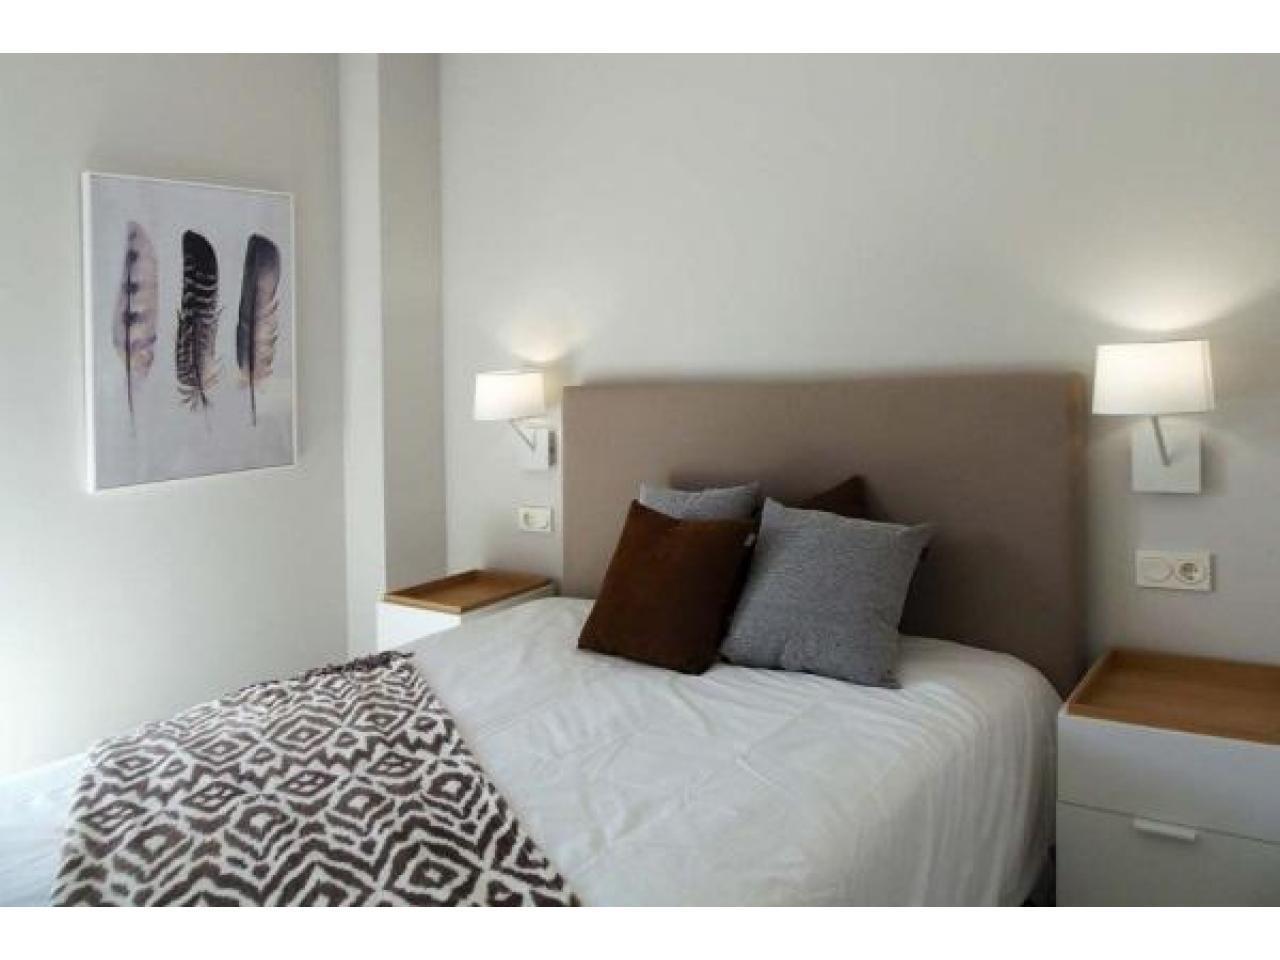 Недвижимость в Испании, Новые бунгало рядом с пляжем от застройщика в Миль Пальмерас - 6